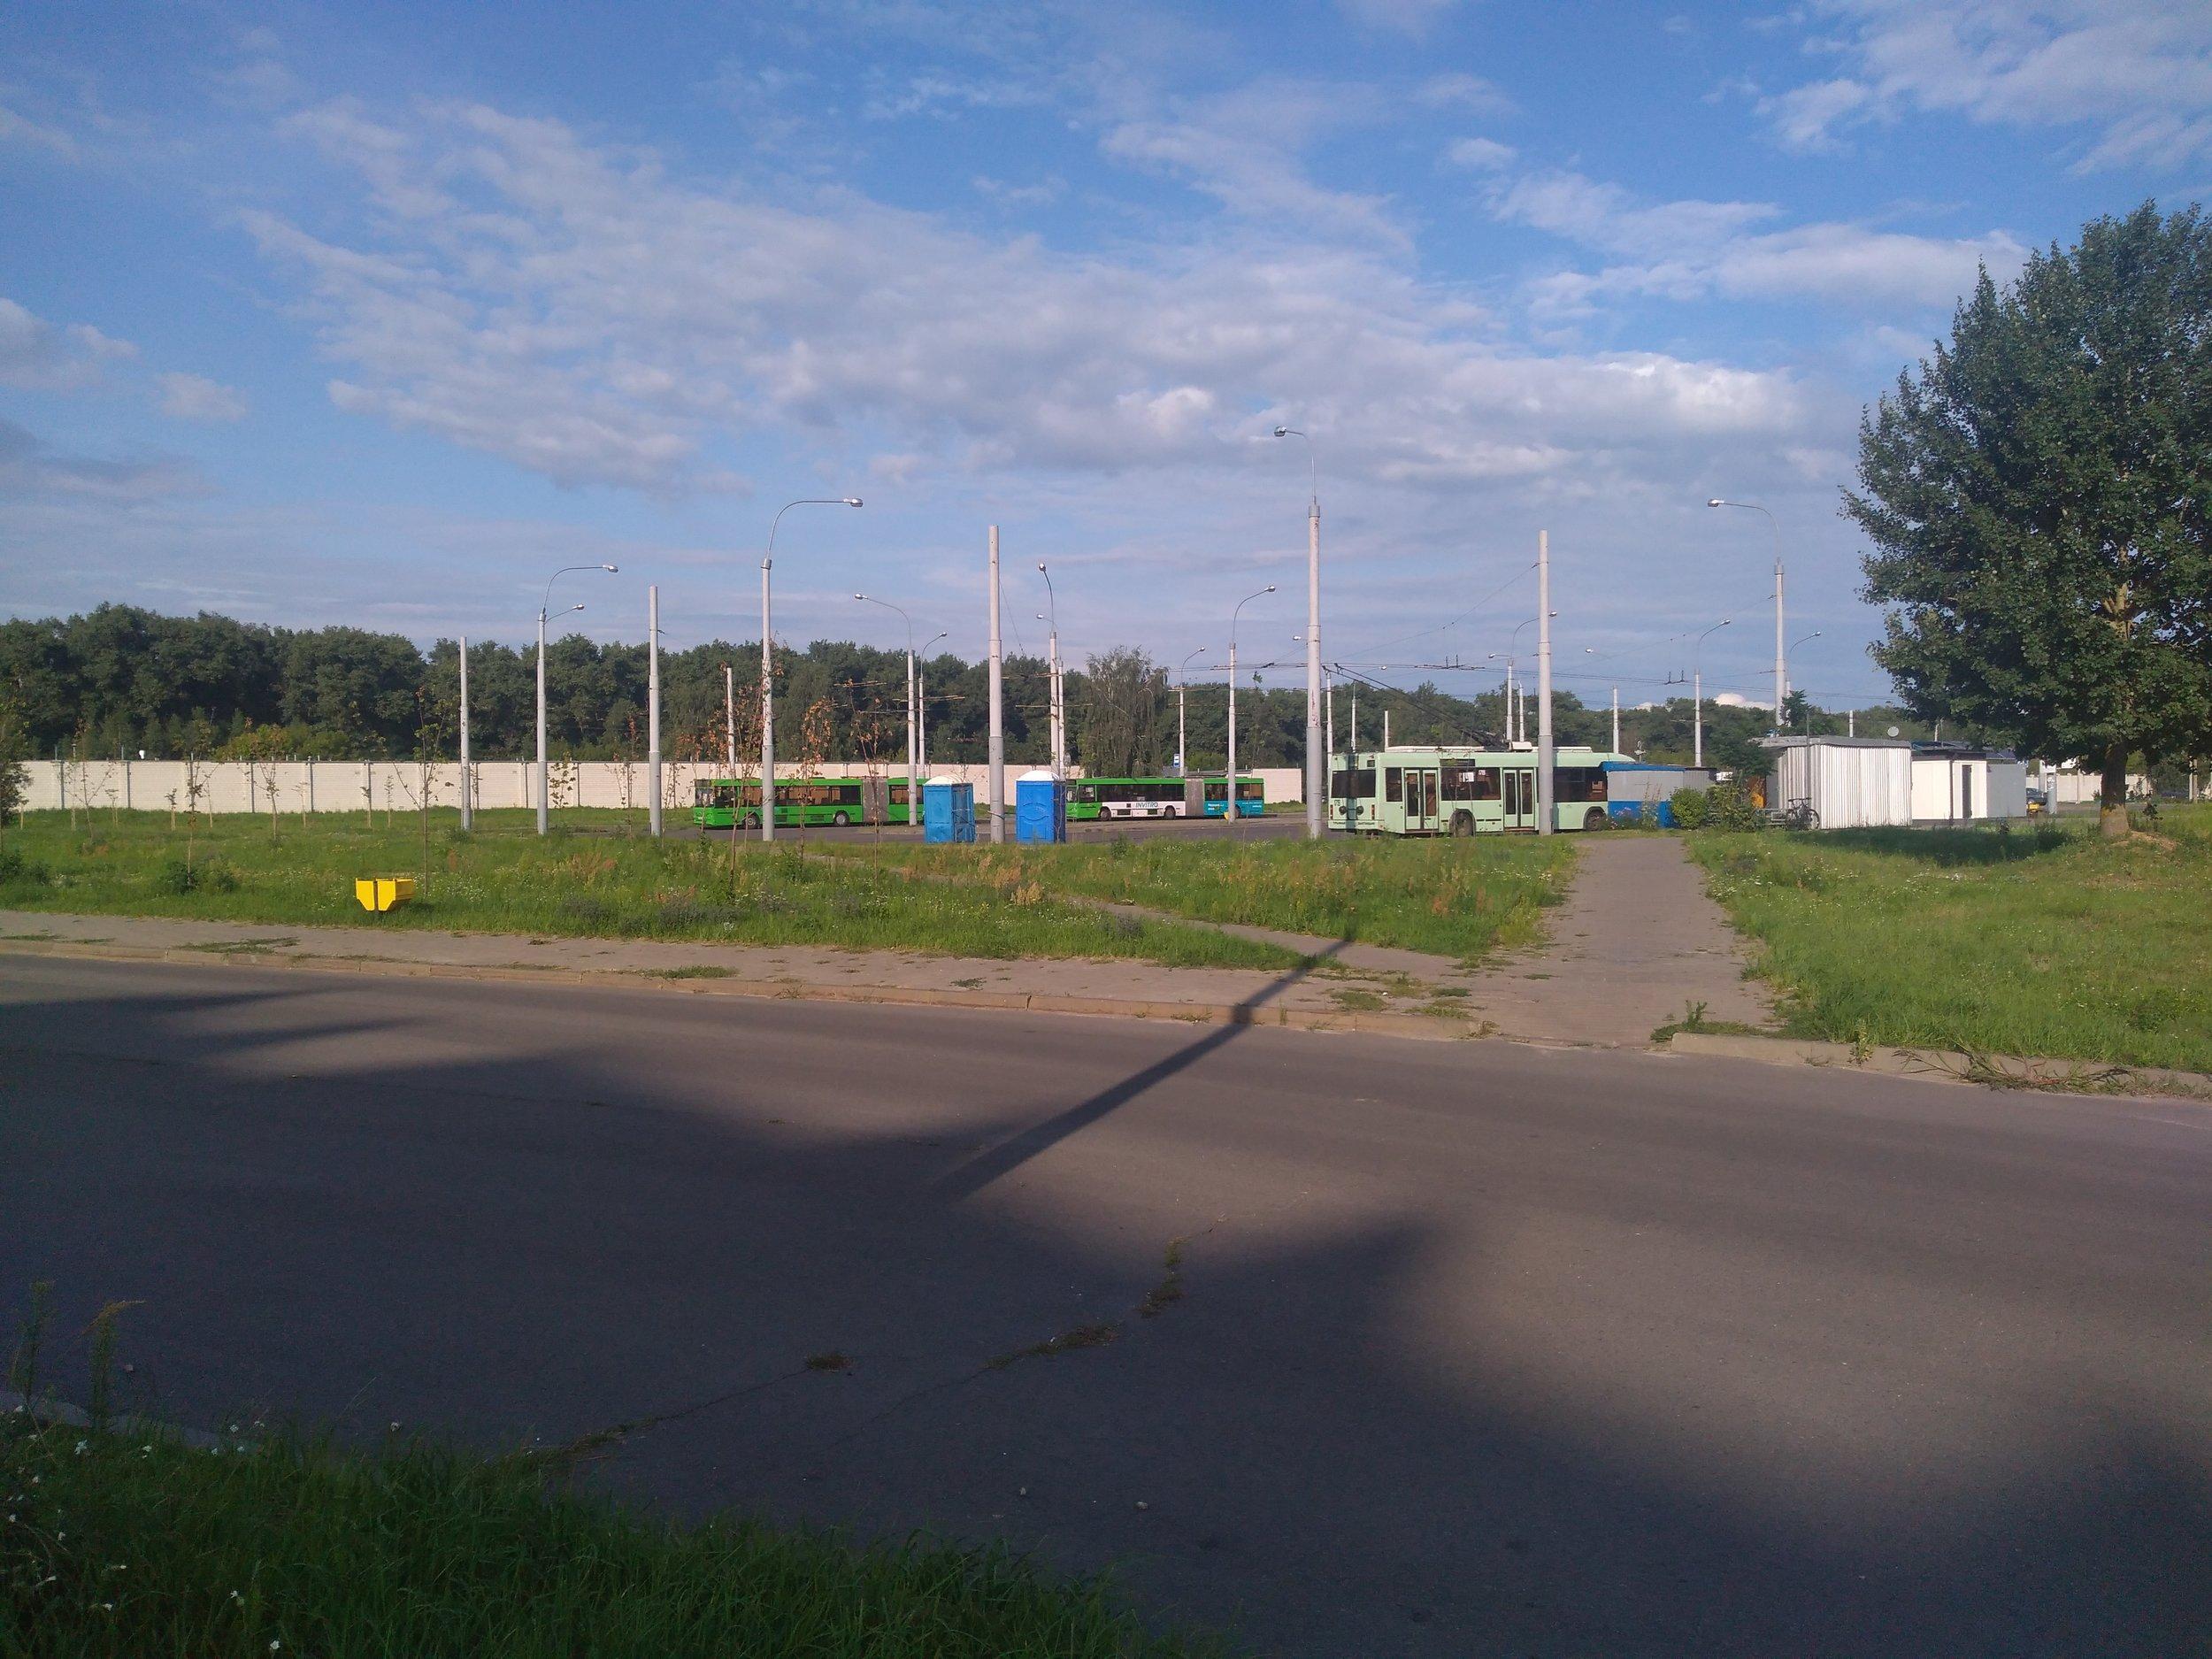 5x konečná Mikrorajon Kljonkovskij na severovýchodě města. Jedná se o konečnou nejmladšího místního zatrolejovaného úseku.